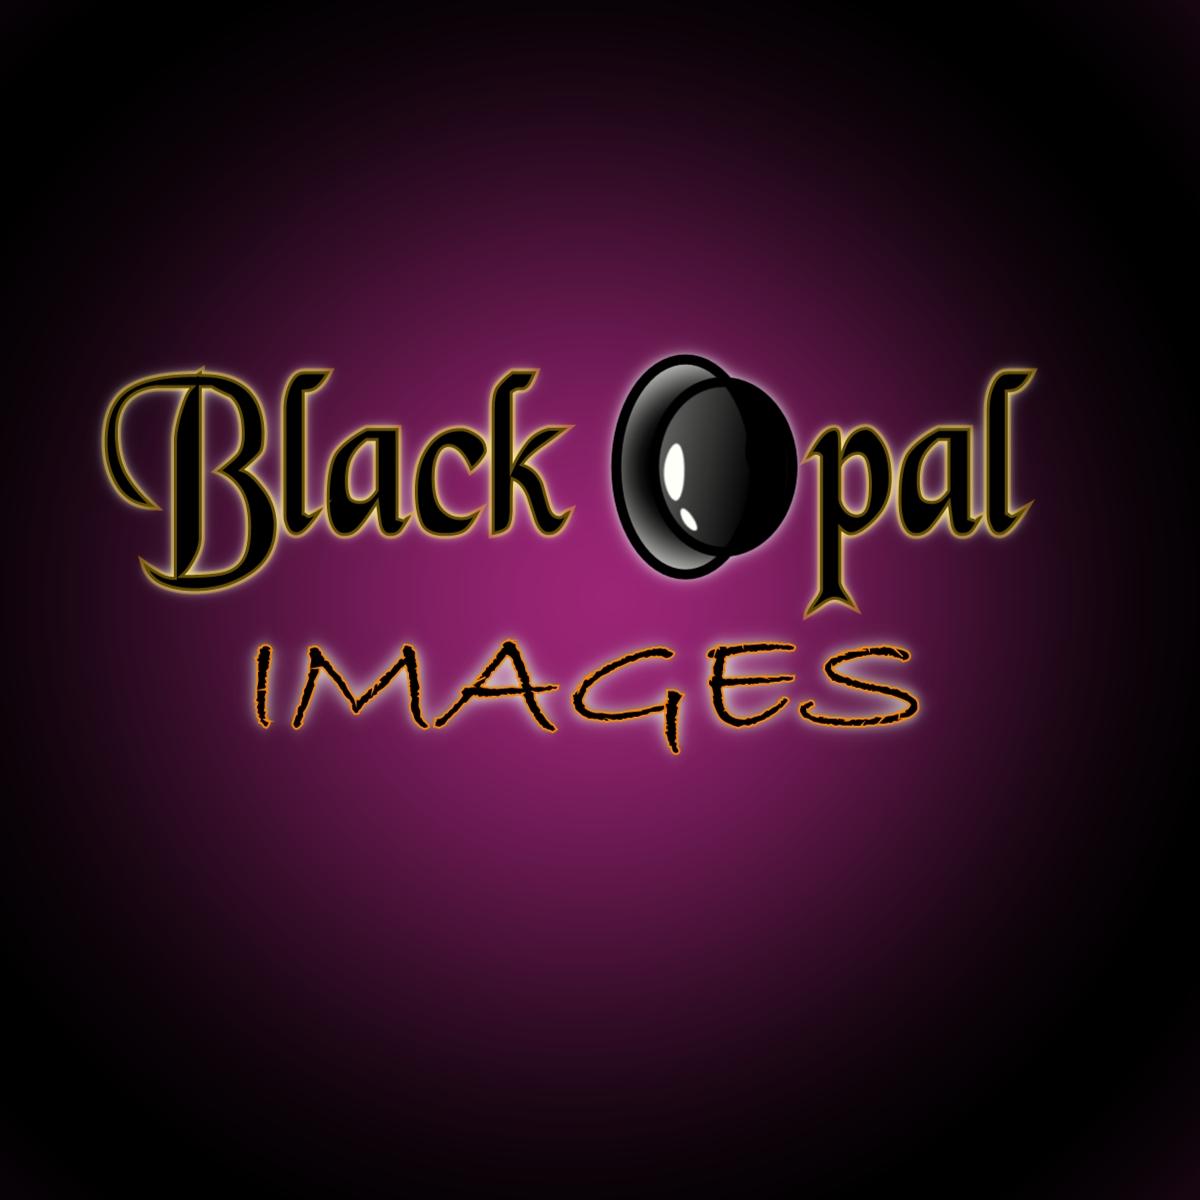 Logo Design by Joseph calunsag Cagaanan - Entry No. 14 in the Logo Design Contest New Logo Design for Black Opal Images.